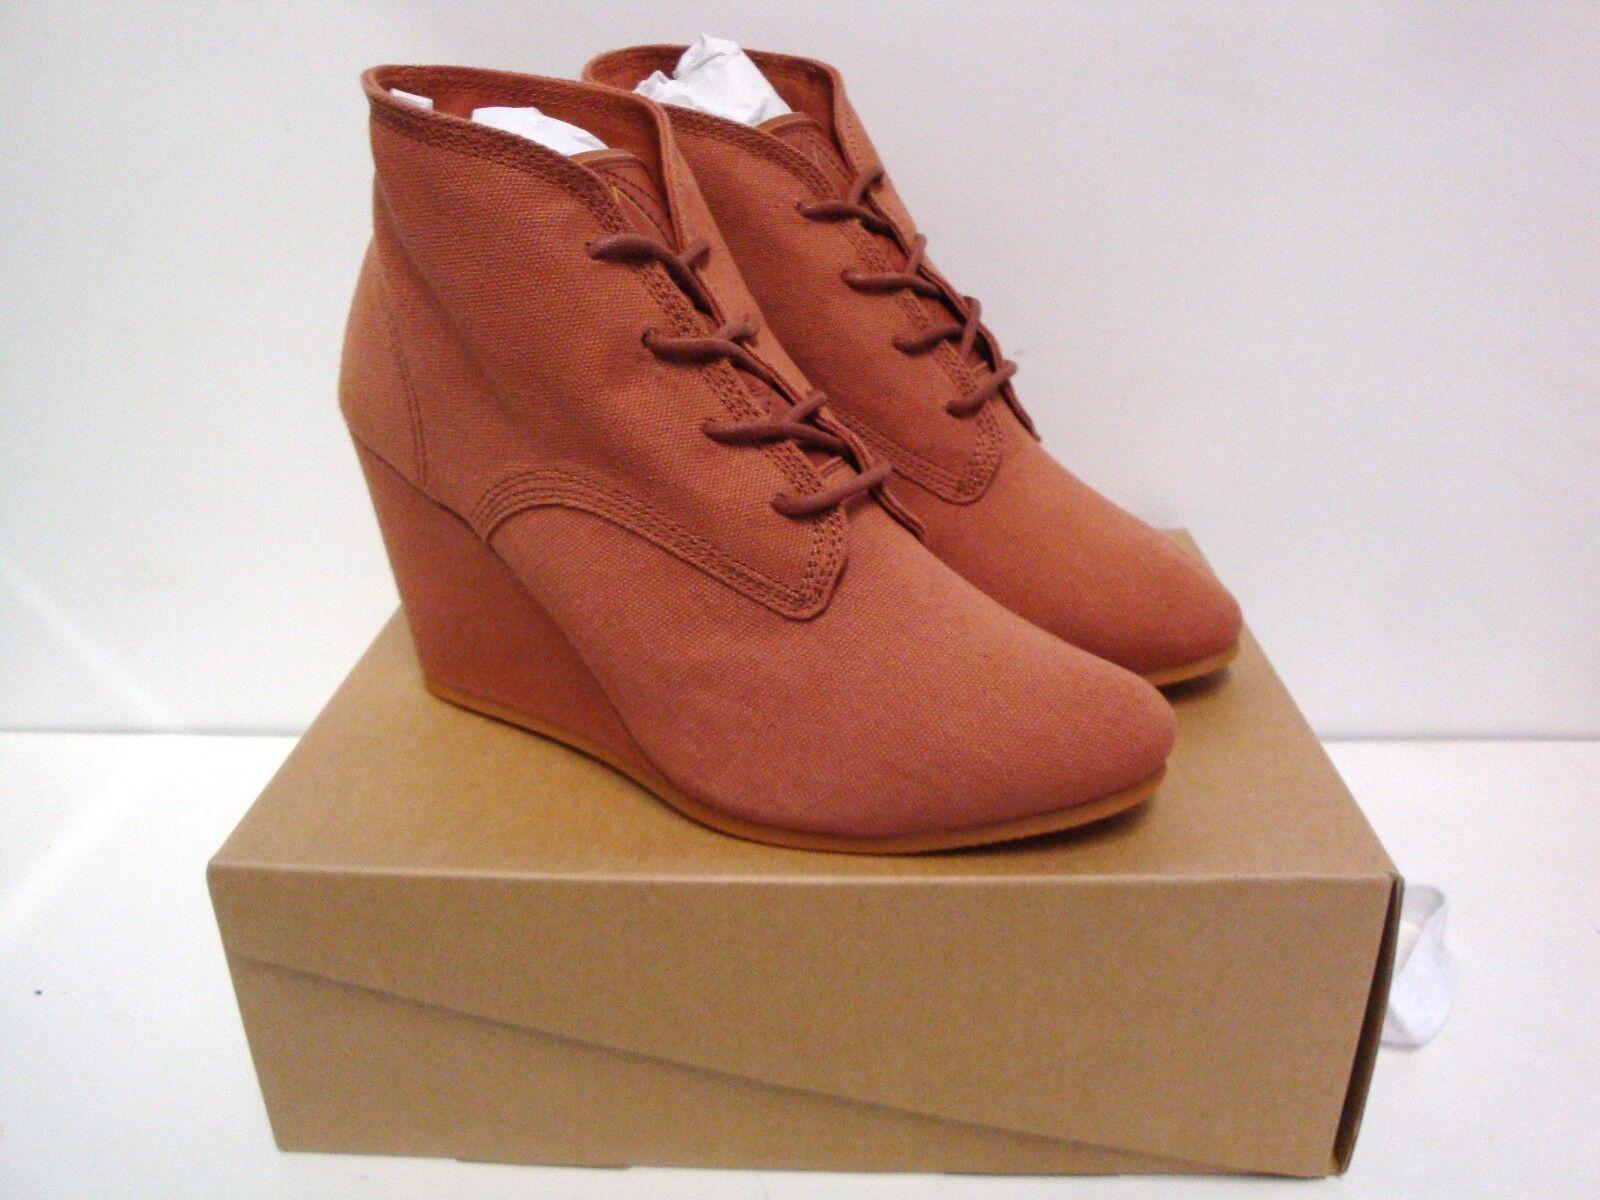 Descuento barato 1 paire de chaussures femme ELEVEN PARIS taille 40 NEUVE